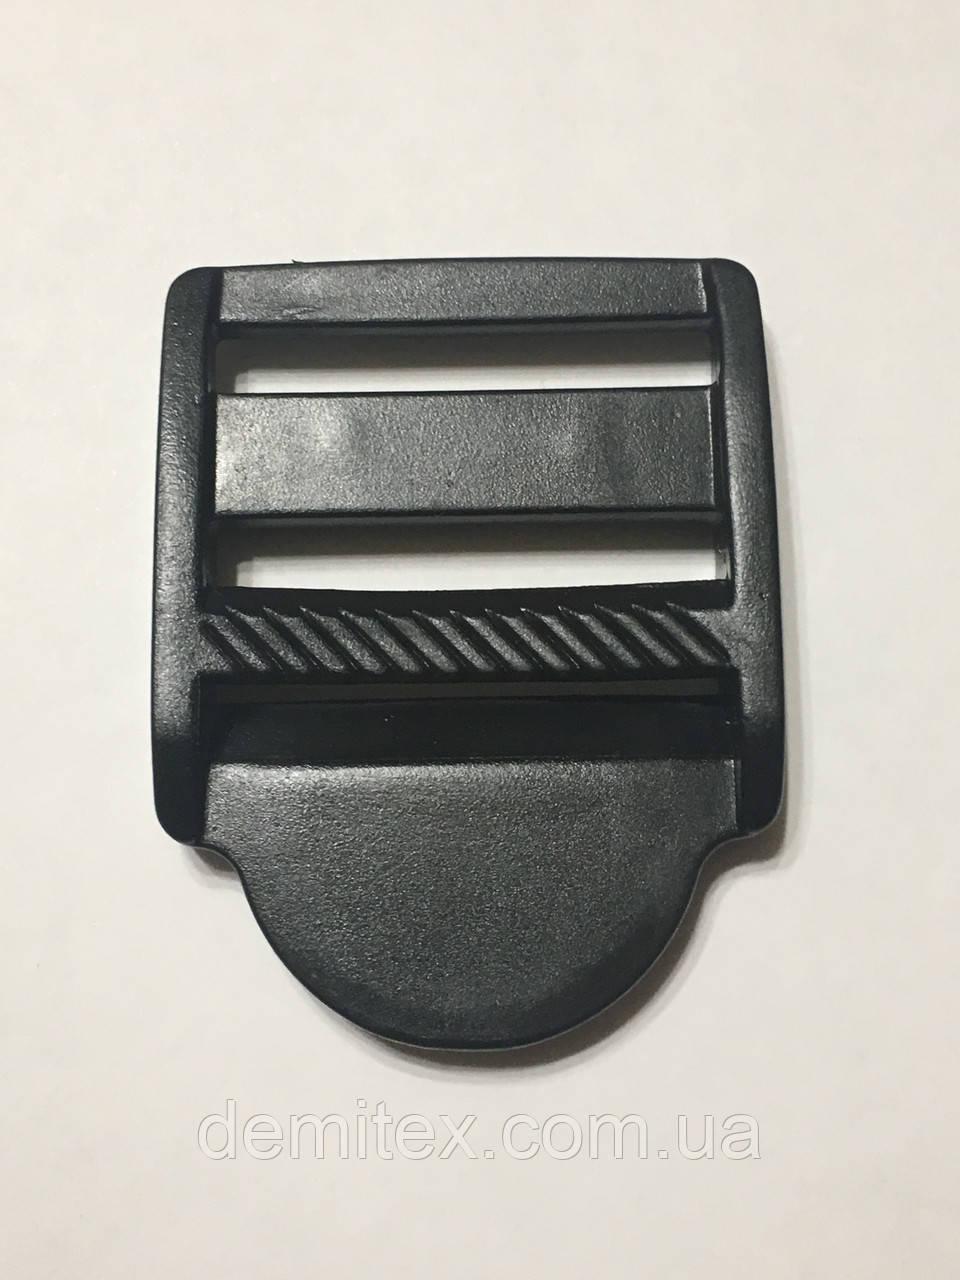 Регулятор трехщелевой ровный 40 мм